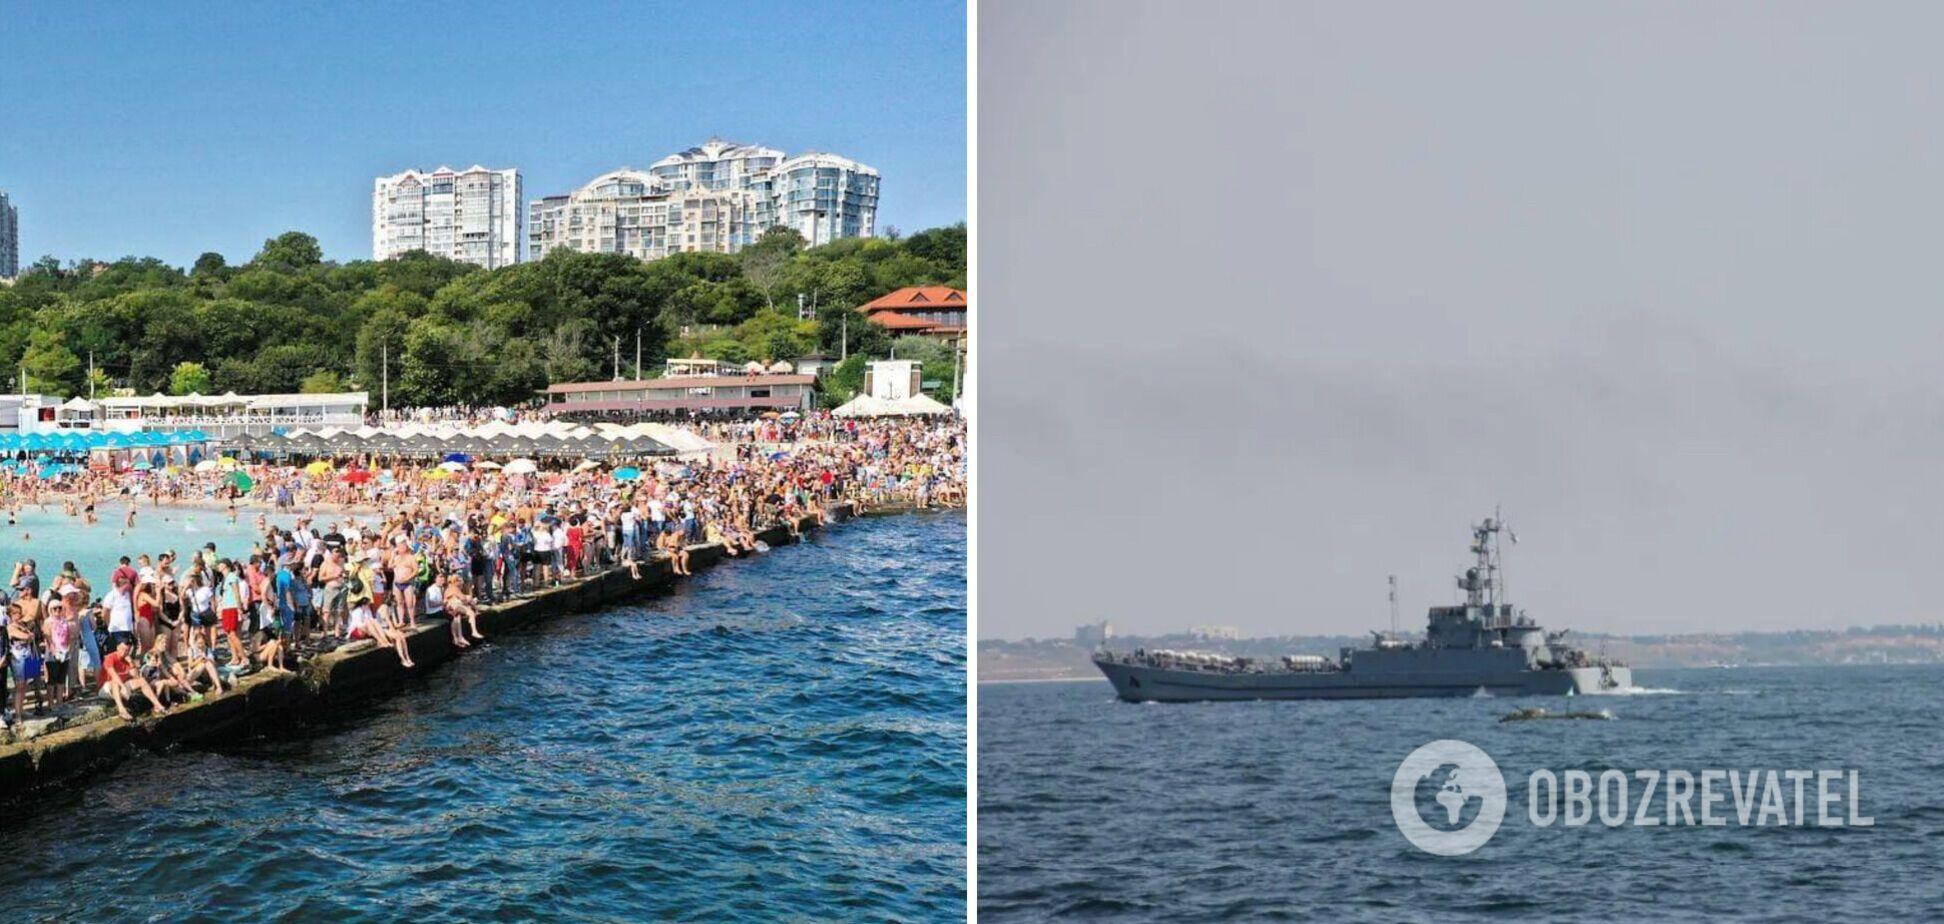 В Одессе состоялся морской парад и Марш защитников Украины. Фото и видео